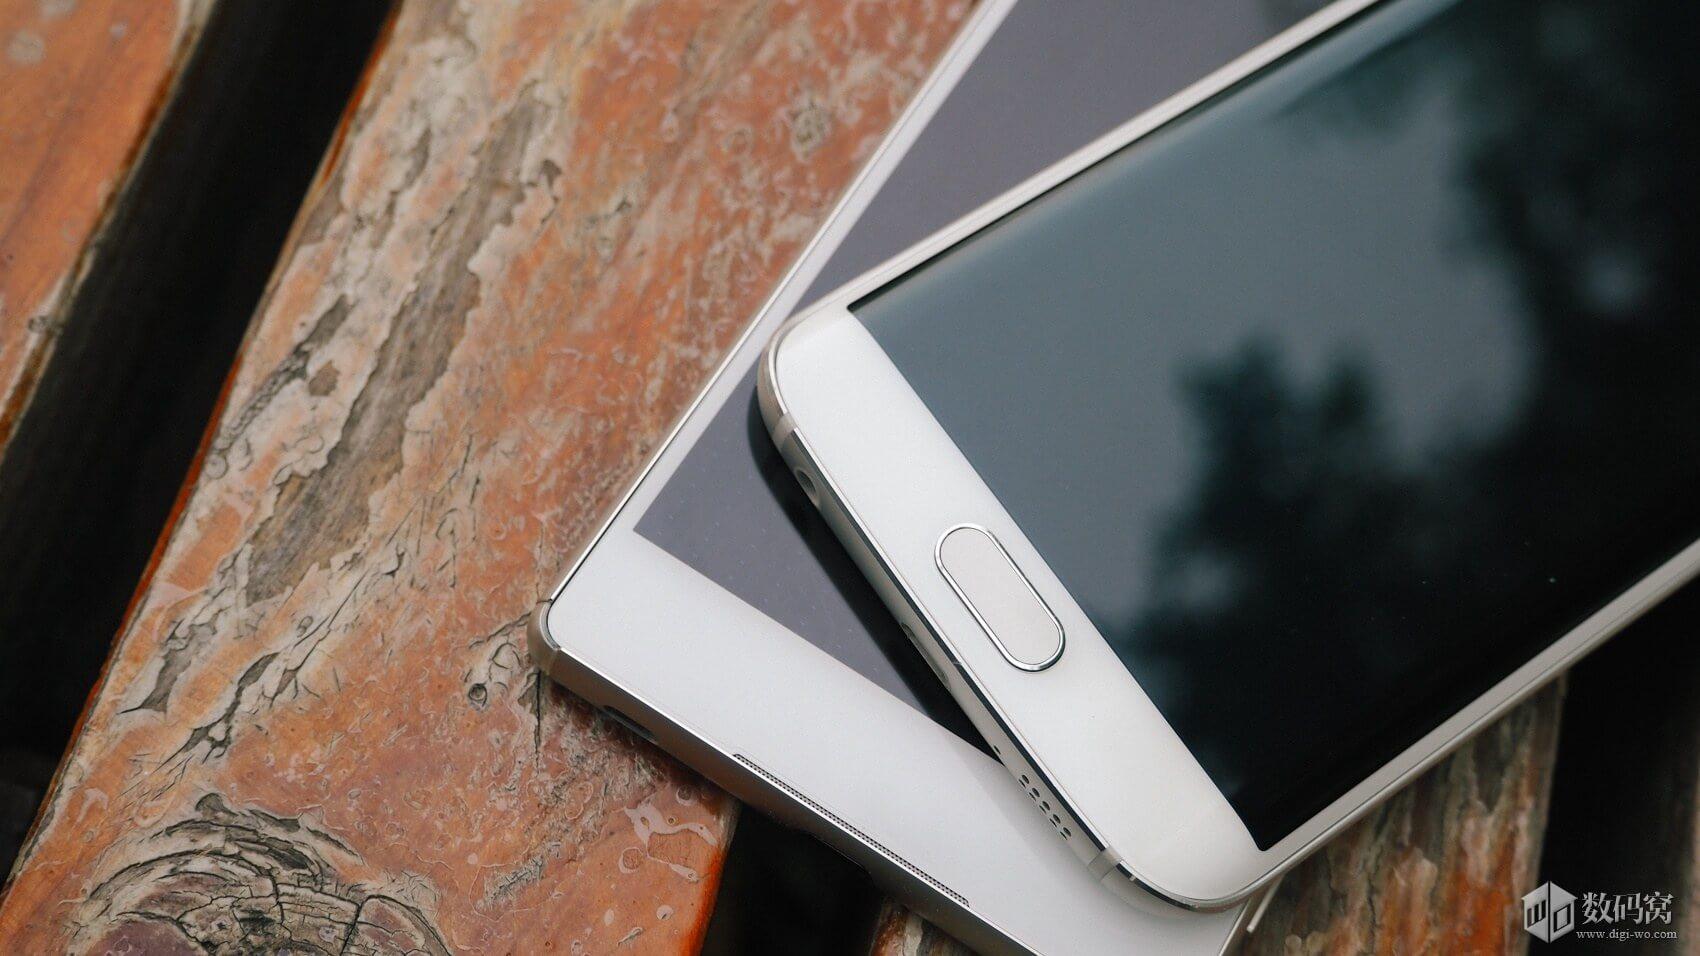 White Xperia Z3+ vs Galaxy S6 Edge